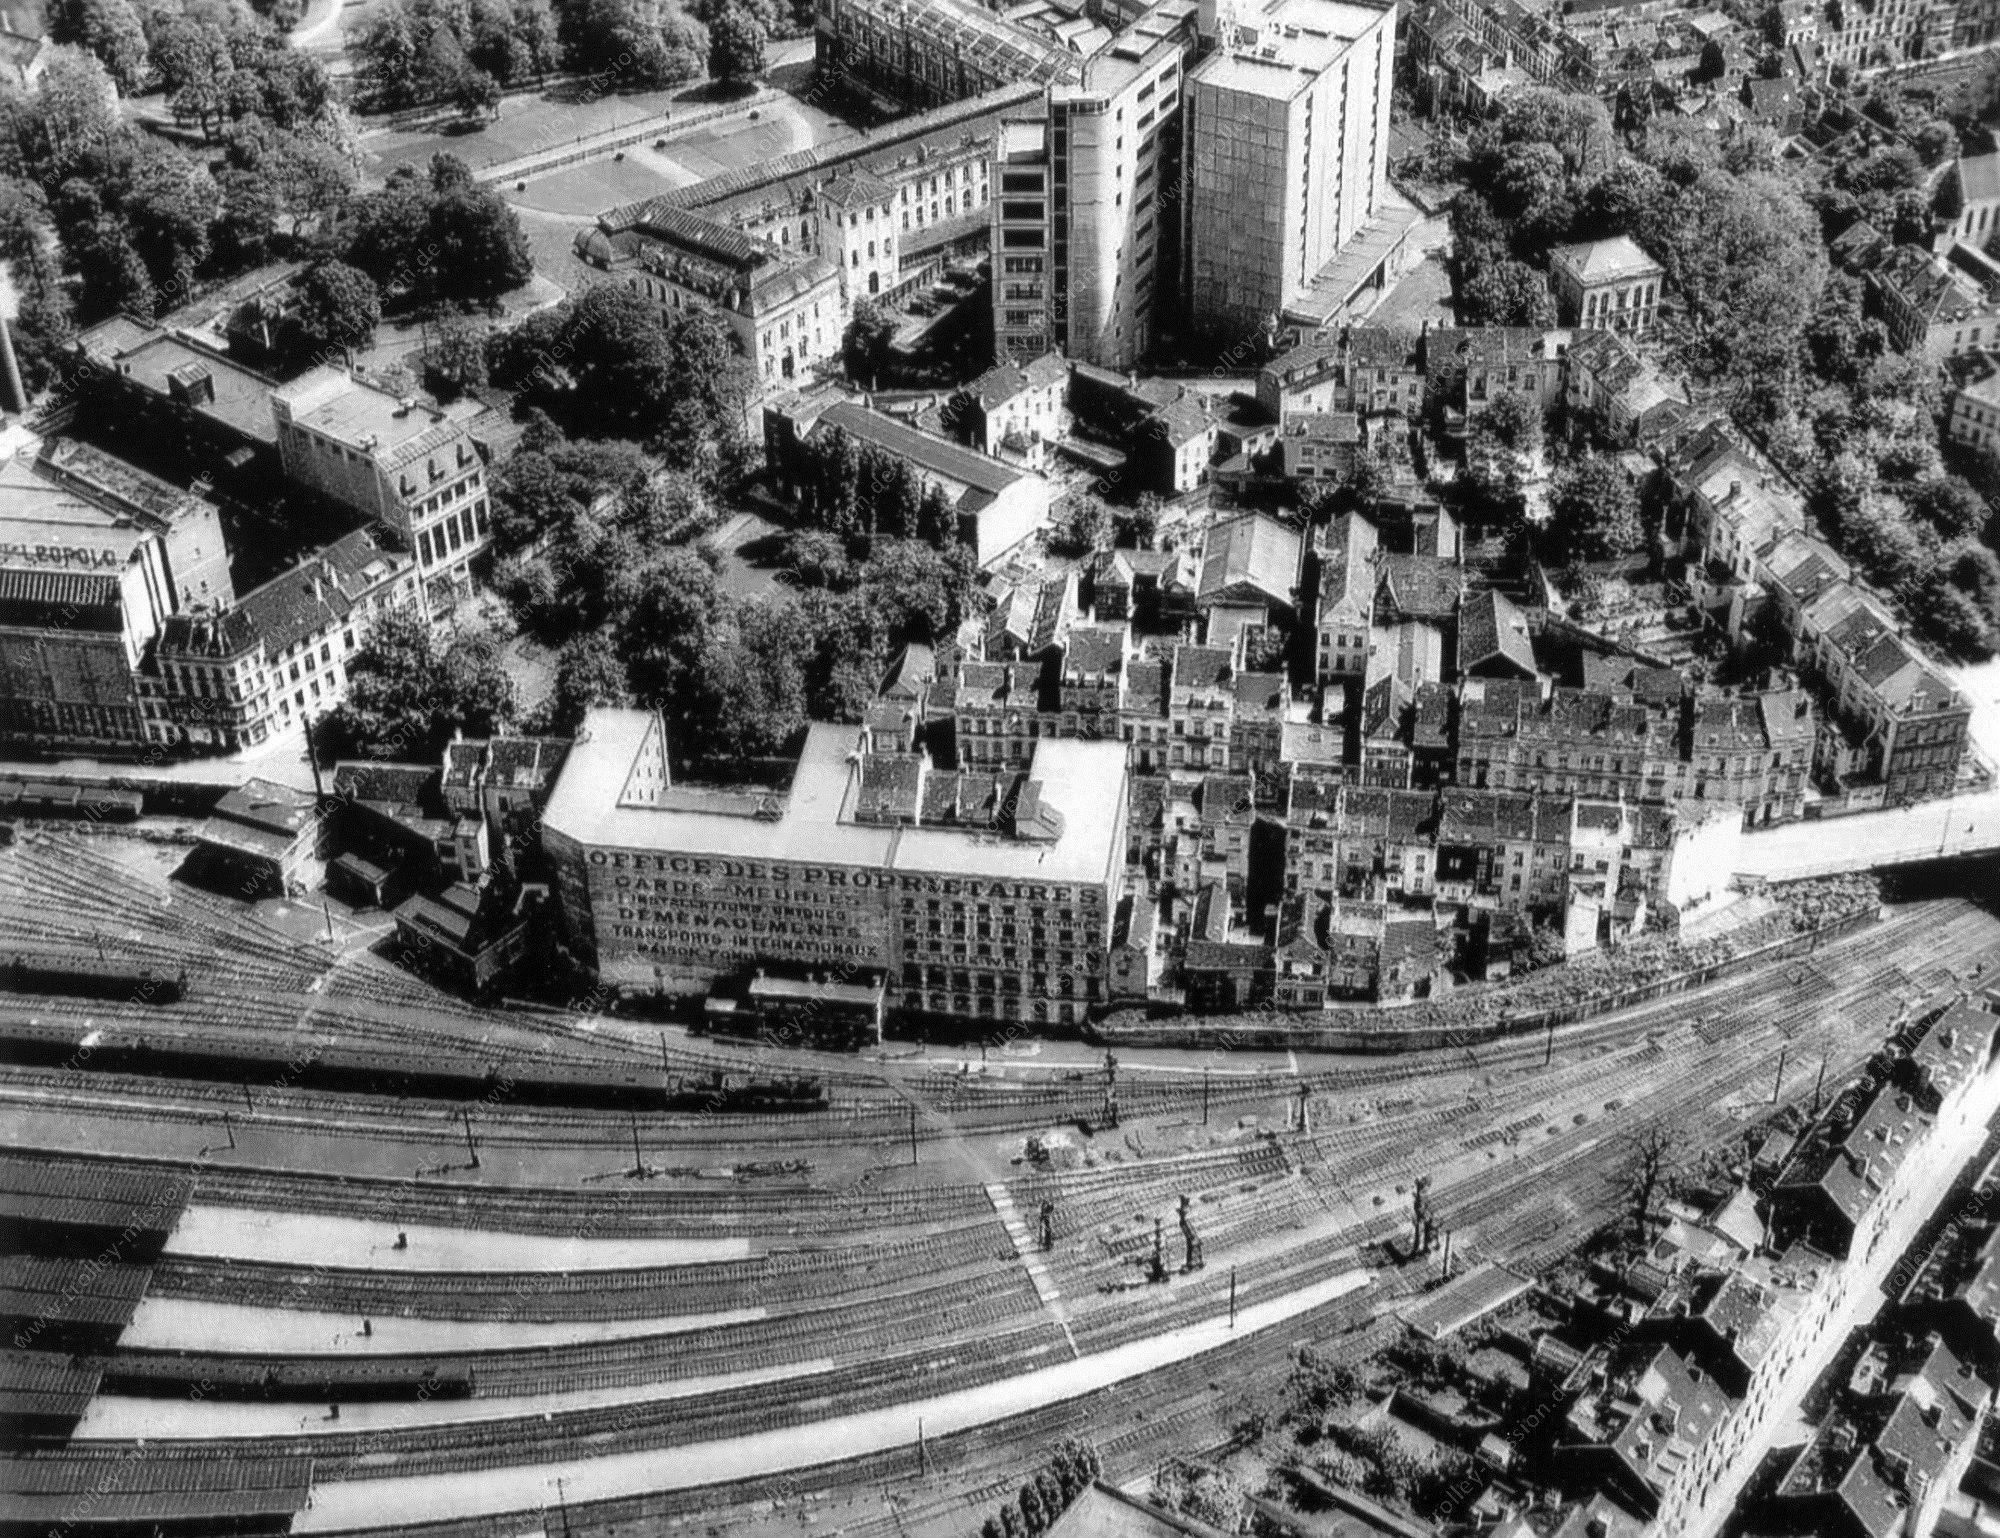 Luftbild der Rue Wiertz bzw. Wiertzstraat und der ehemaligen Gleisanlagen am Bahnhof in Brüssel (Belgien)